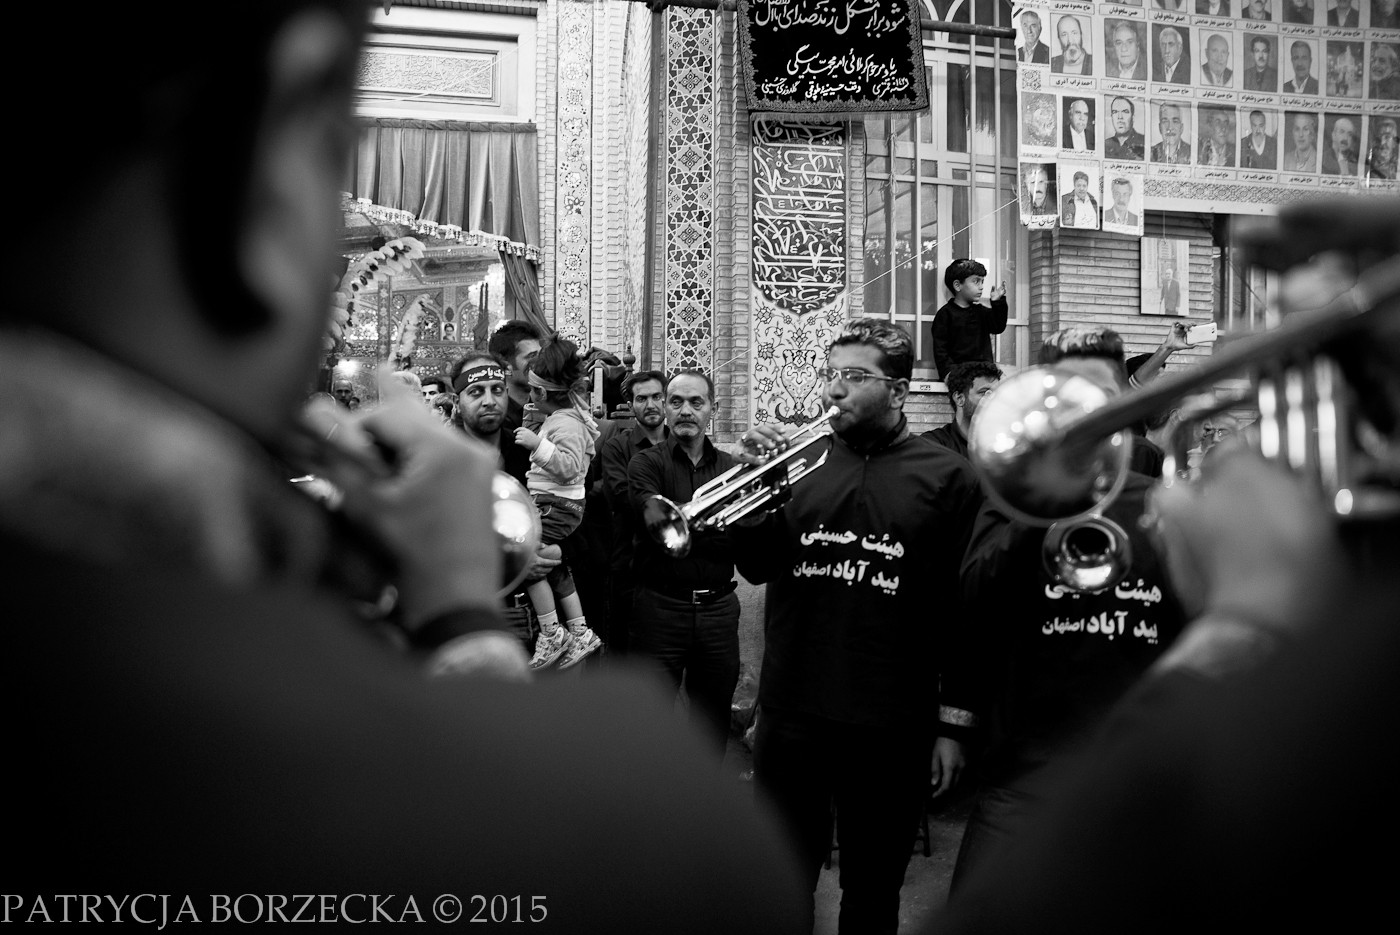 PatrycjaBorzecka-photo-Muharram13